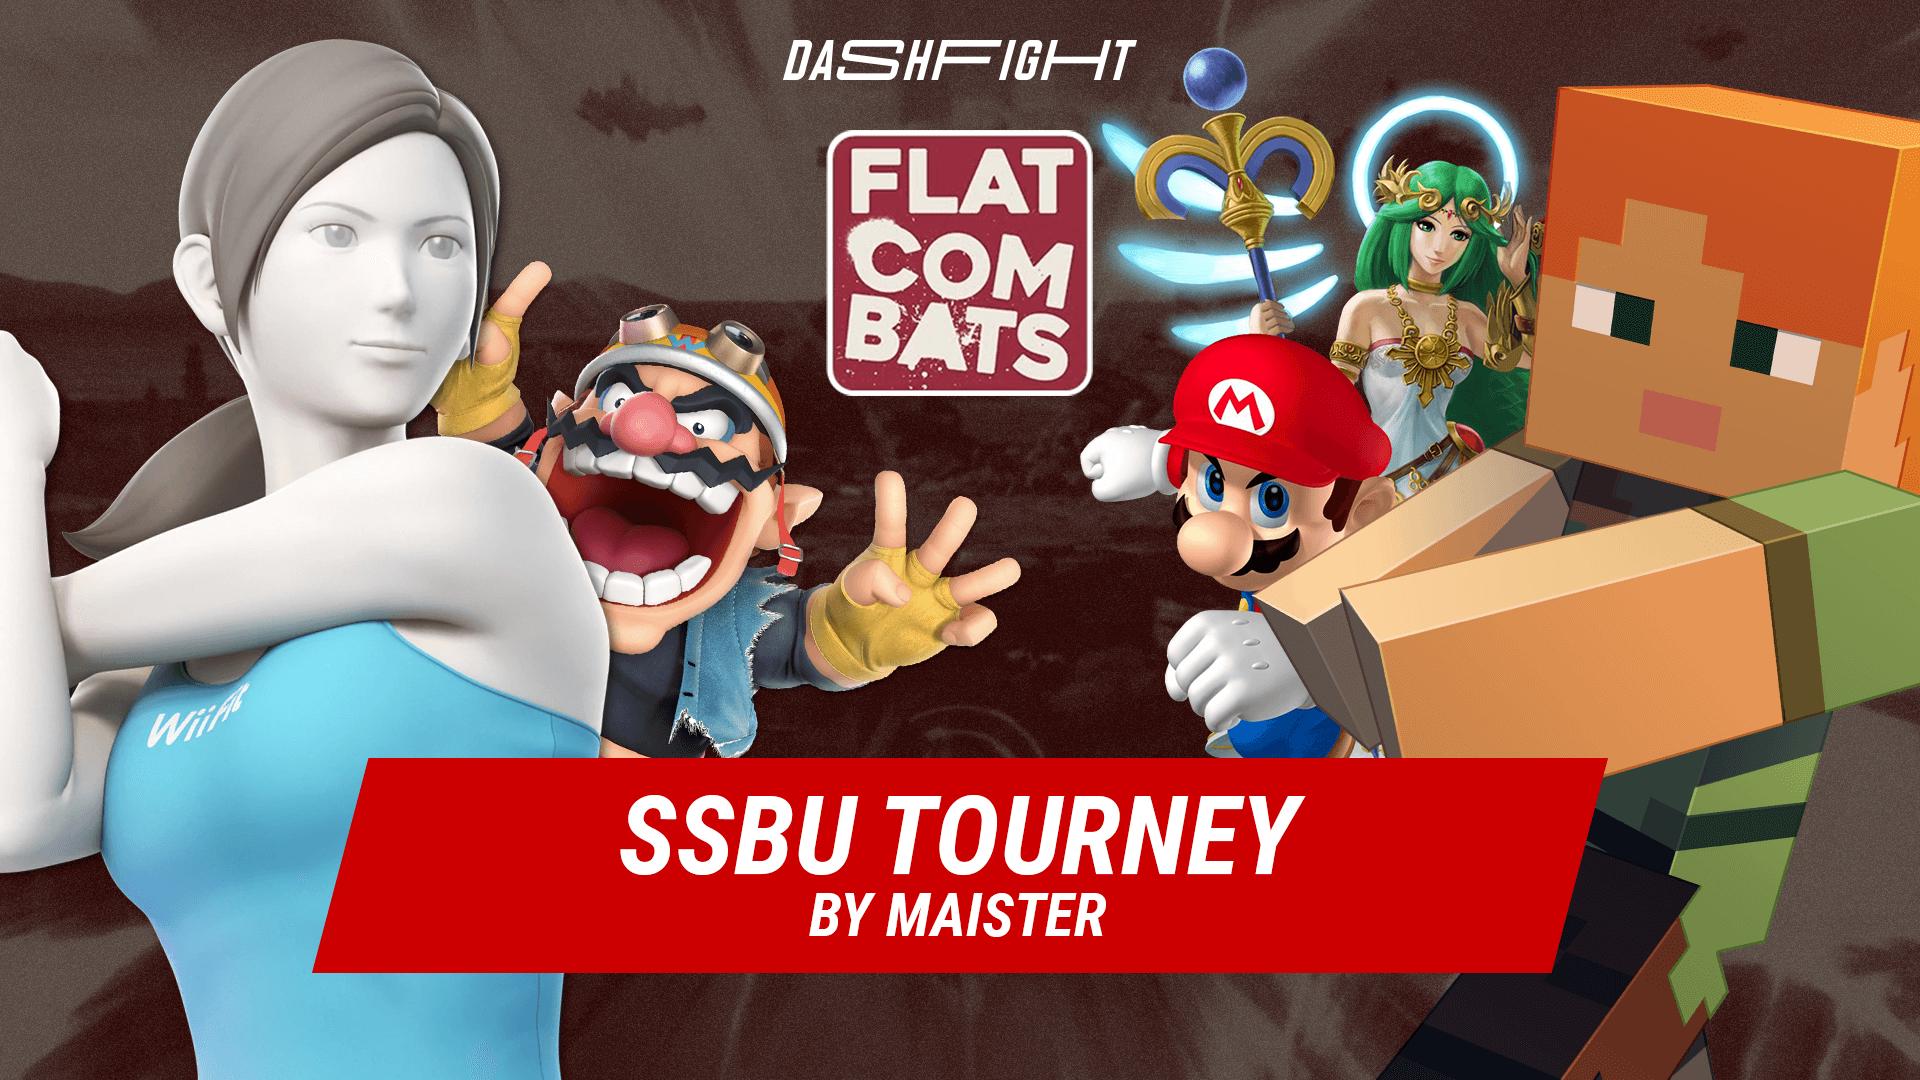 Flat Combats #14 - an SSBU Tourney by Maister